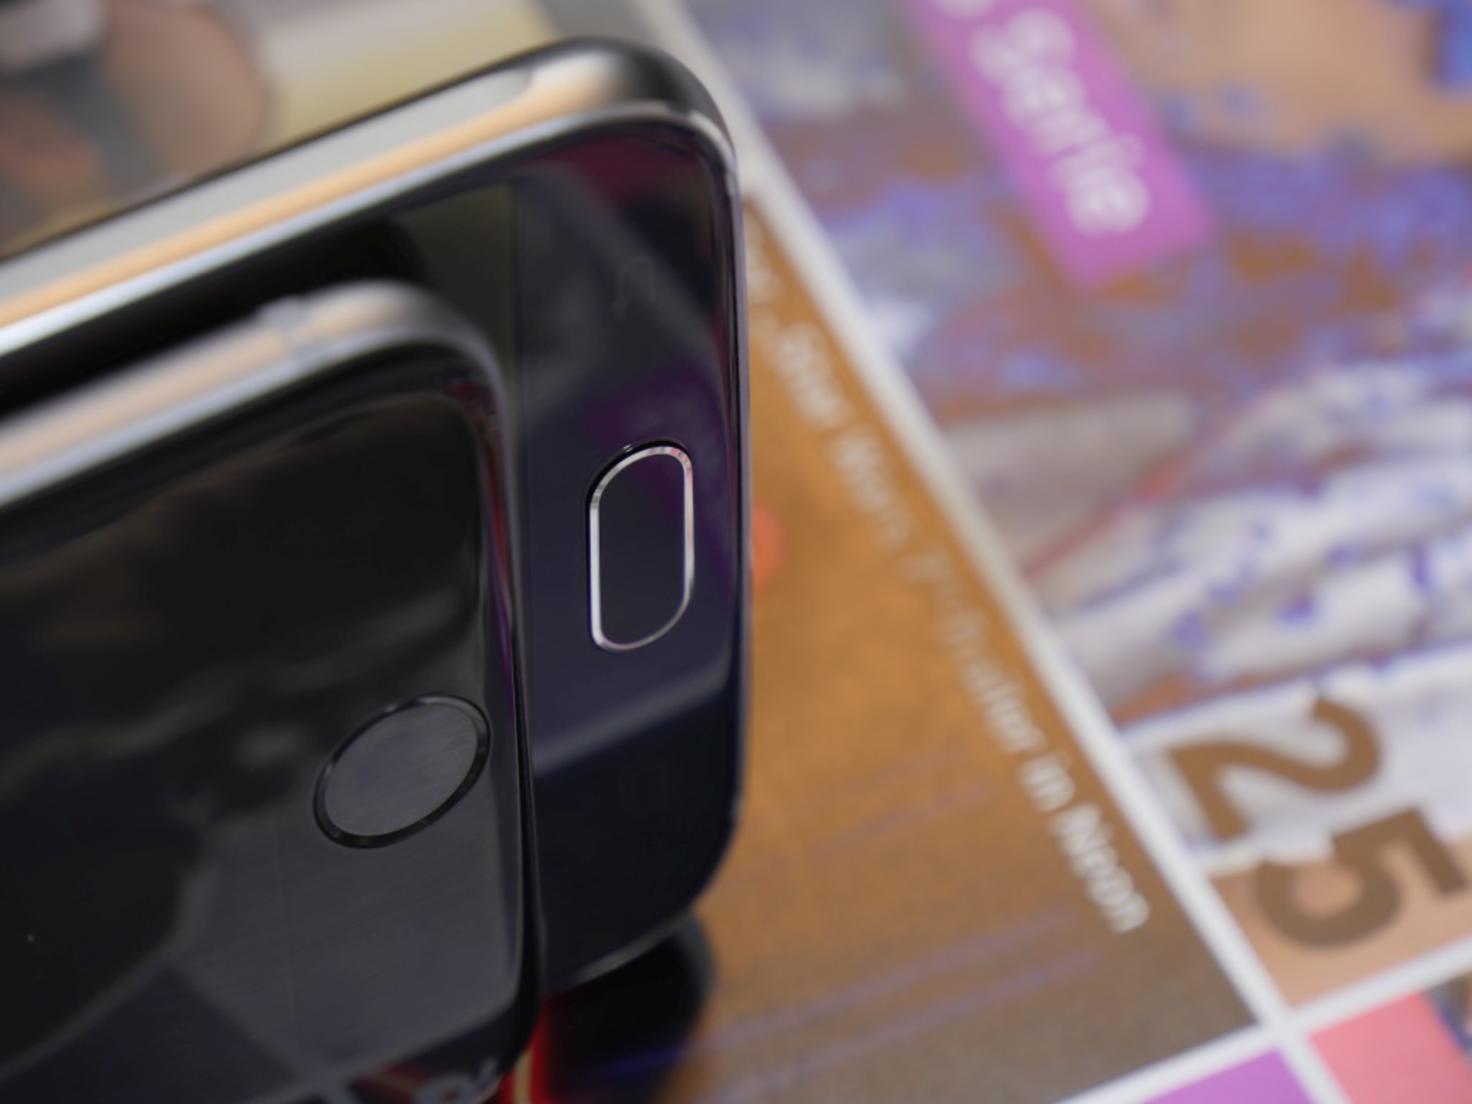 Das iPhone 6 (vorn) und das Galaxy S6 (hinten).